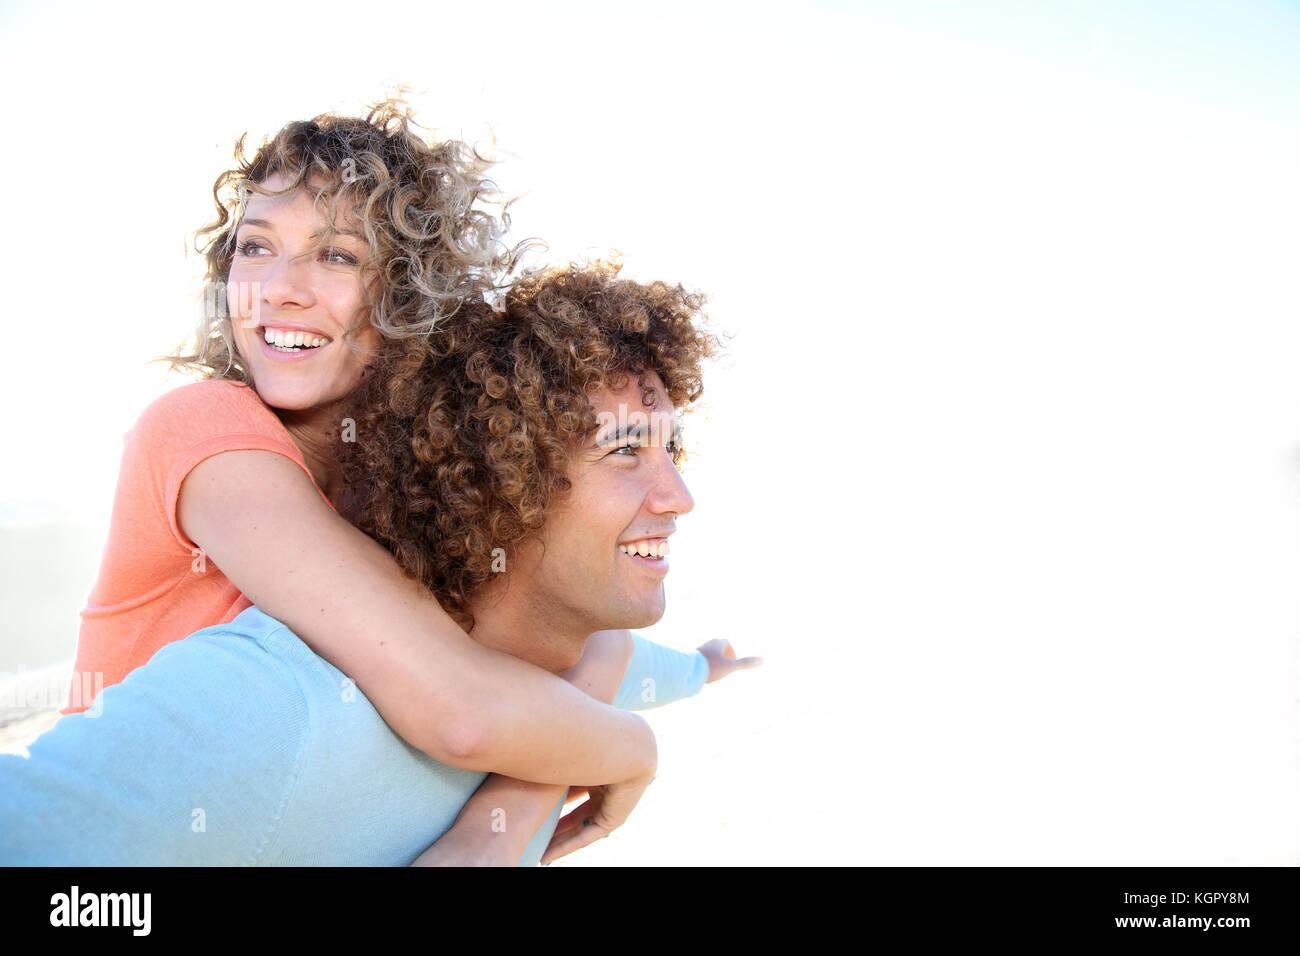 L uomo dando piggyback ride alla ragazza sulla spiaggia Immagini Stock